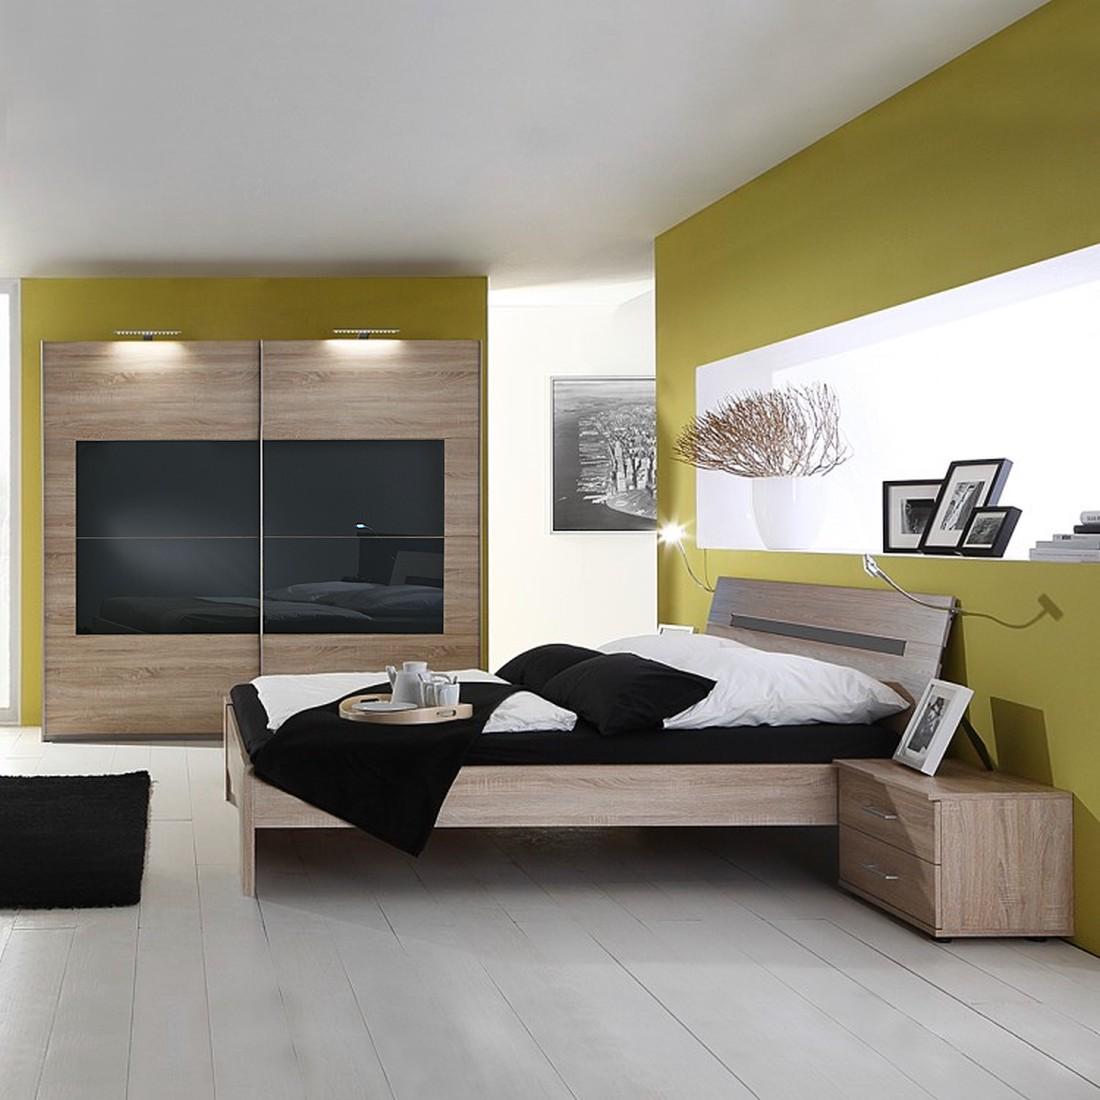 Sanary Schlafzimmer-Set - Eiche Sägerau - Glas Weiß, OAKland's günstig kaufen